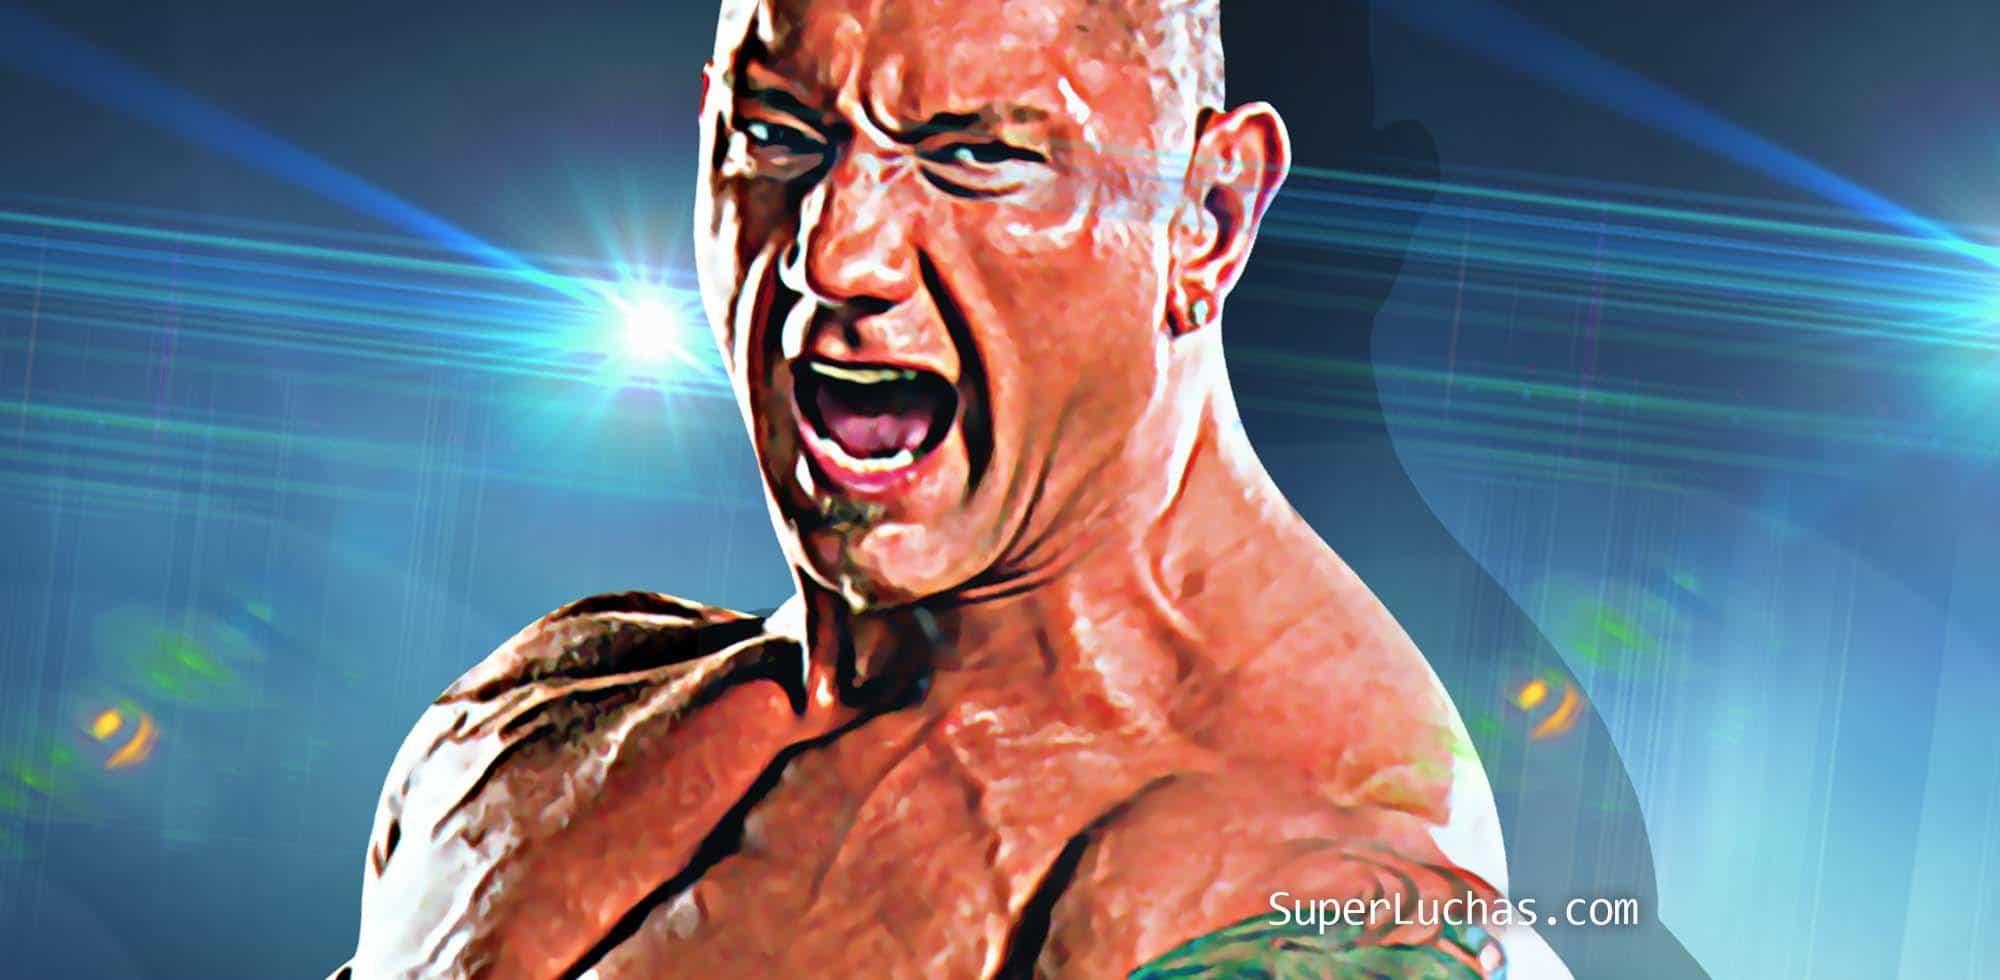 Batista es invitado a otra empresa de lucha libre 1